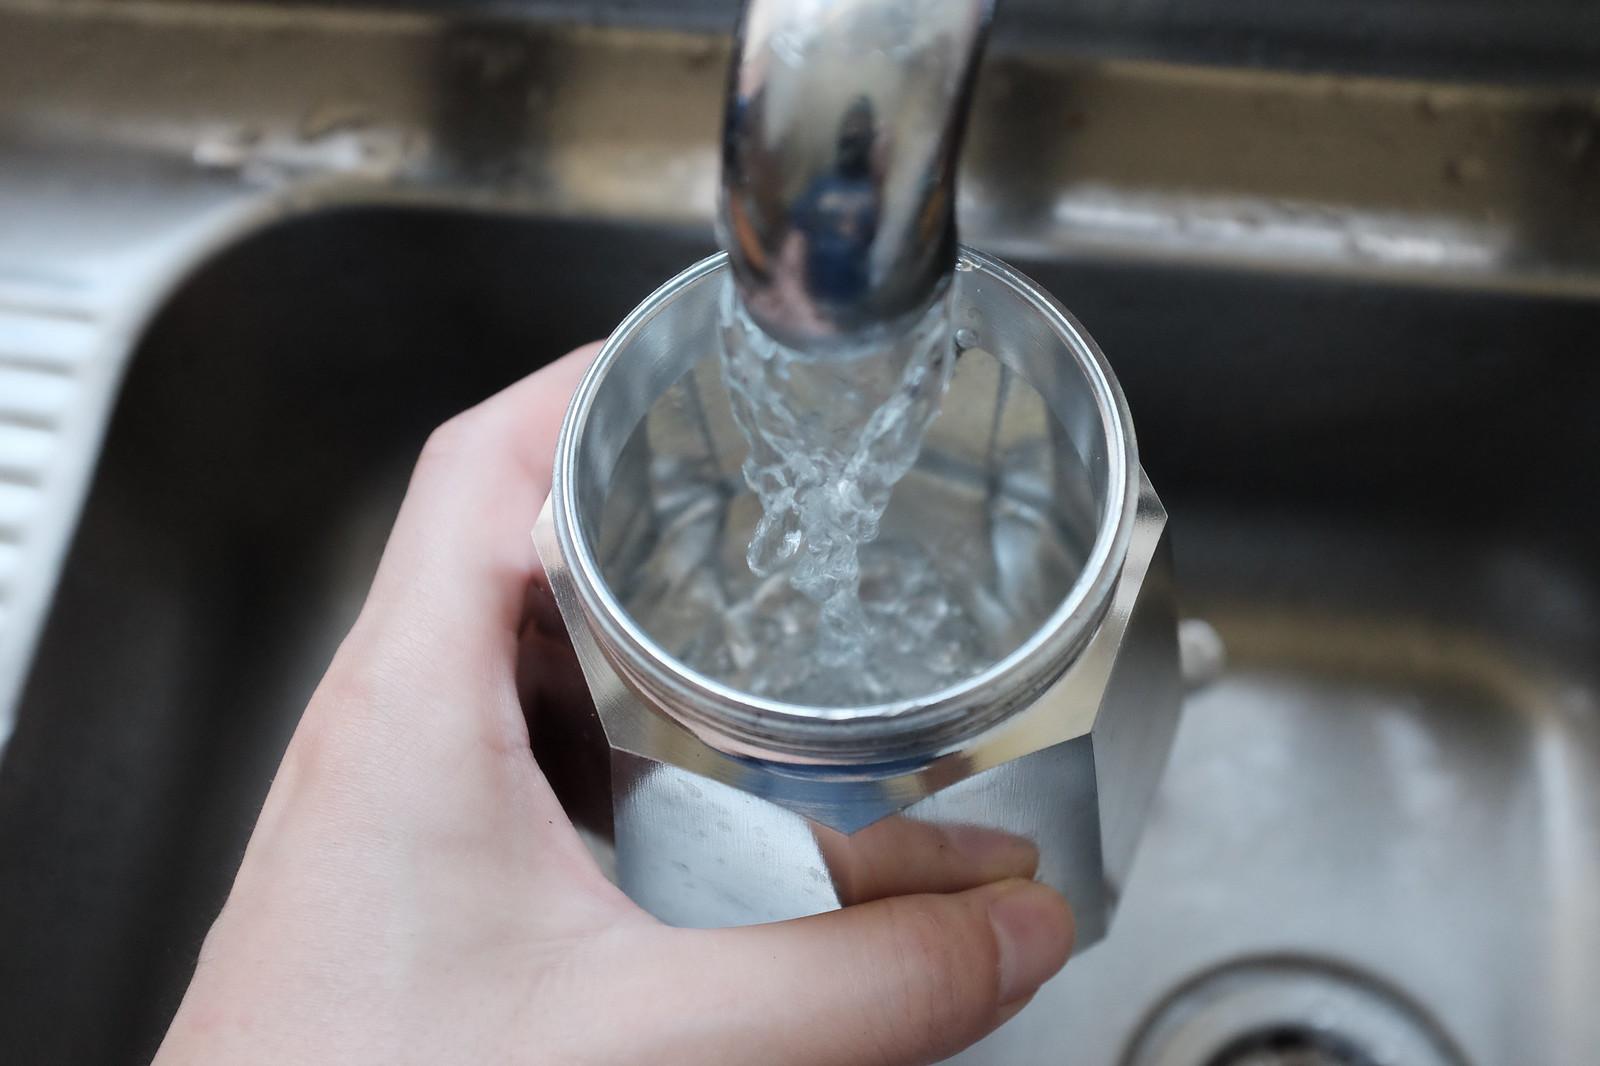 물을 콸콸 넣어준다